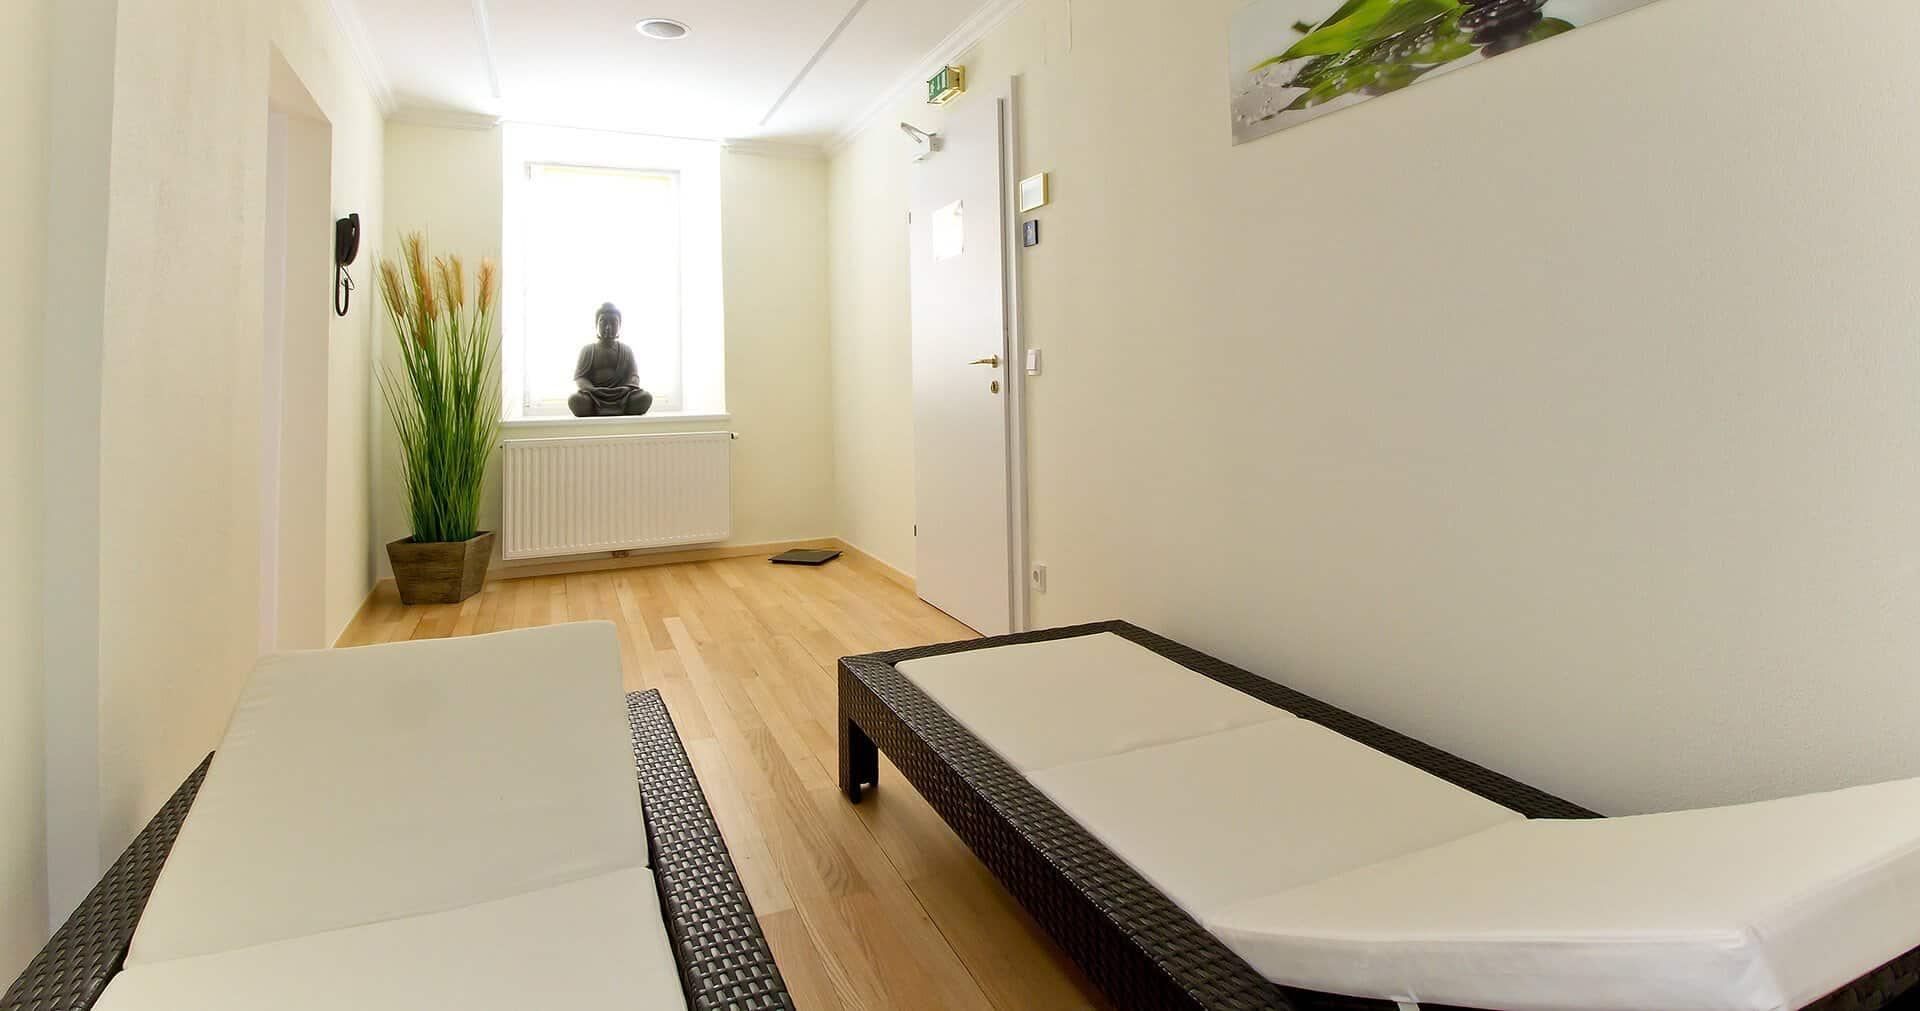 Seeböckenhotel zum weissen Hirschen Ruhezone mit Buddha